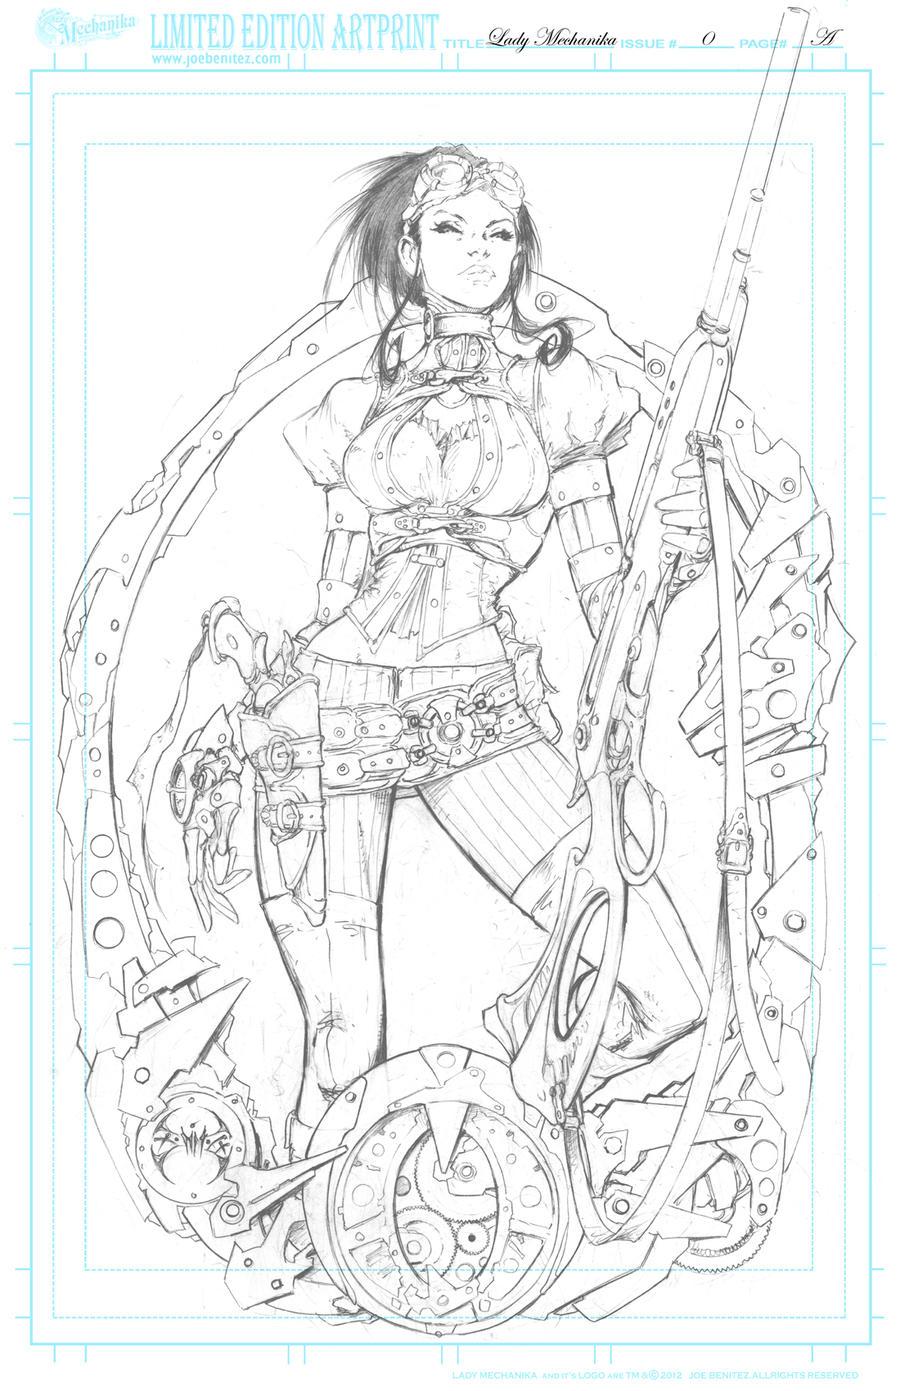 Lady M 0 Cover A pencil Print by joebenitez